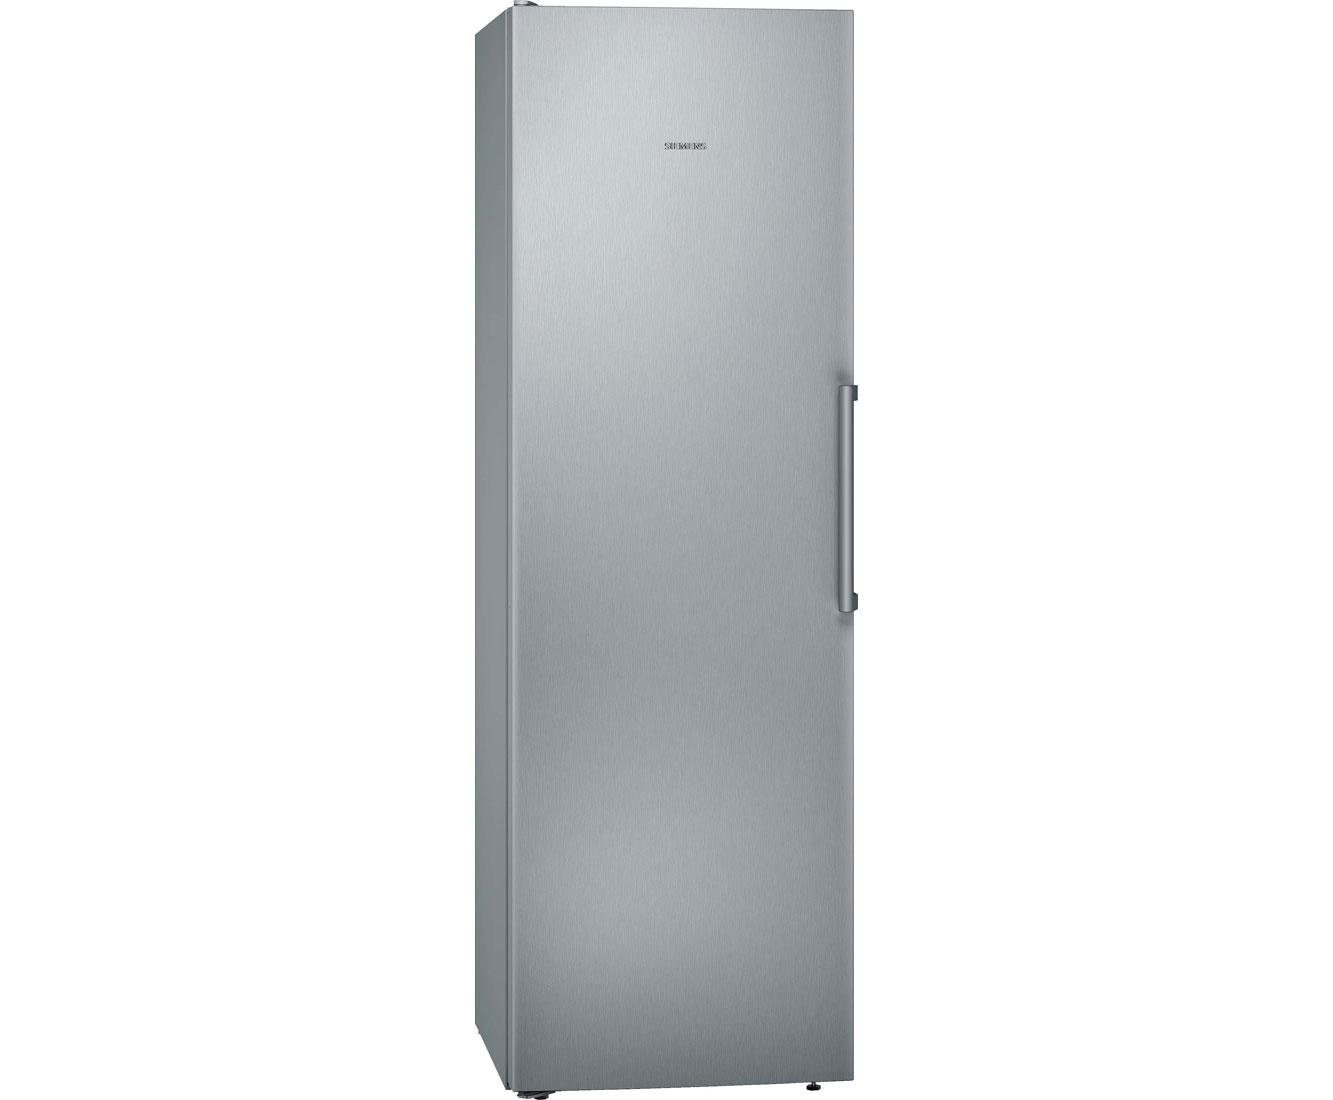 Siemens Kühlschrank Liegend Transportieren : Edelstahl kühlschrank preisvergleich u2022 die besten angebote online kaufen